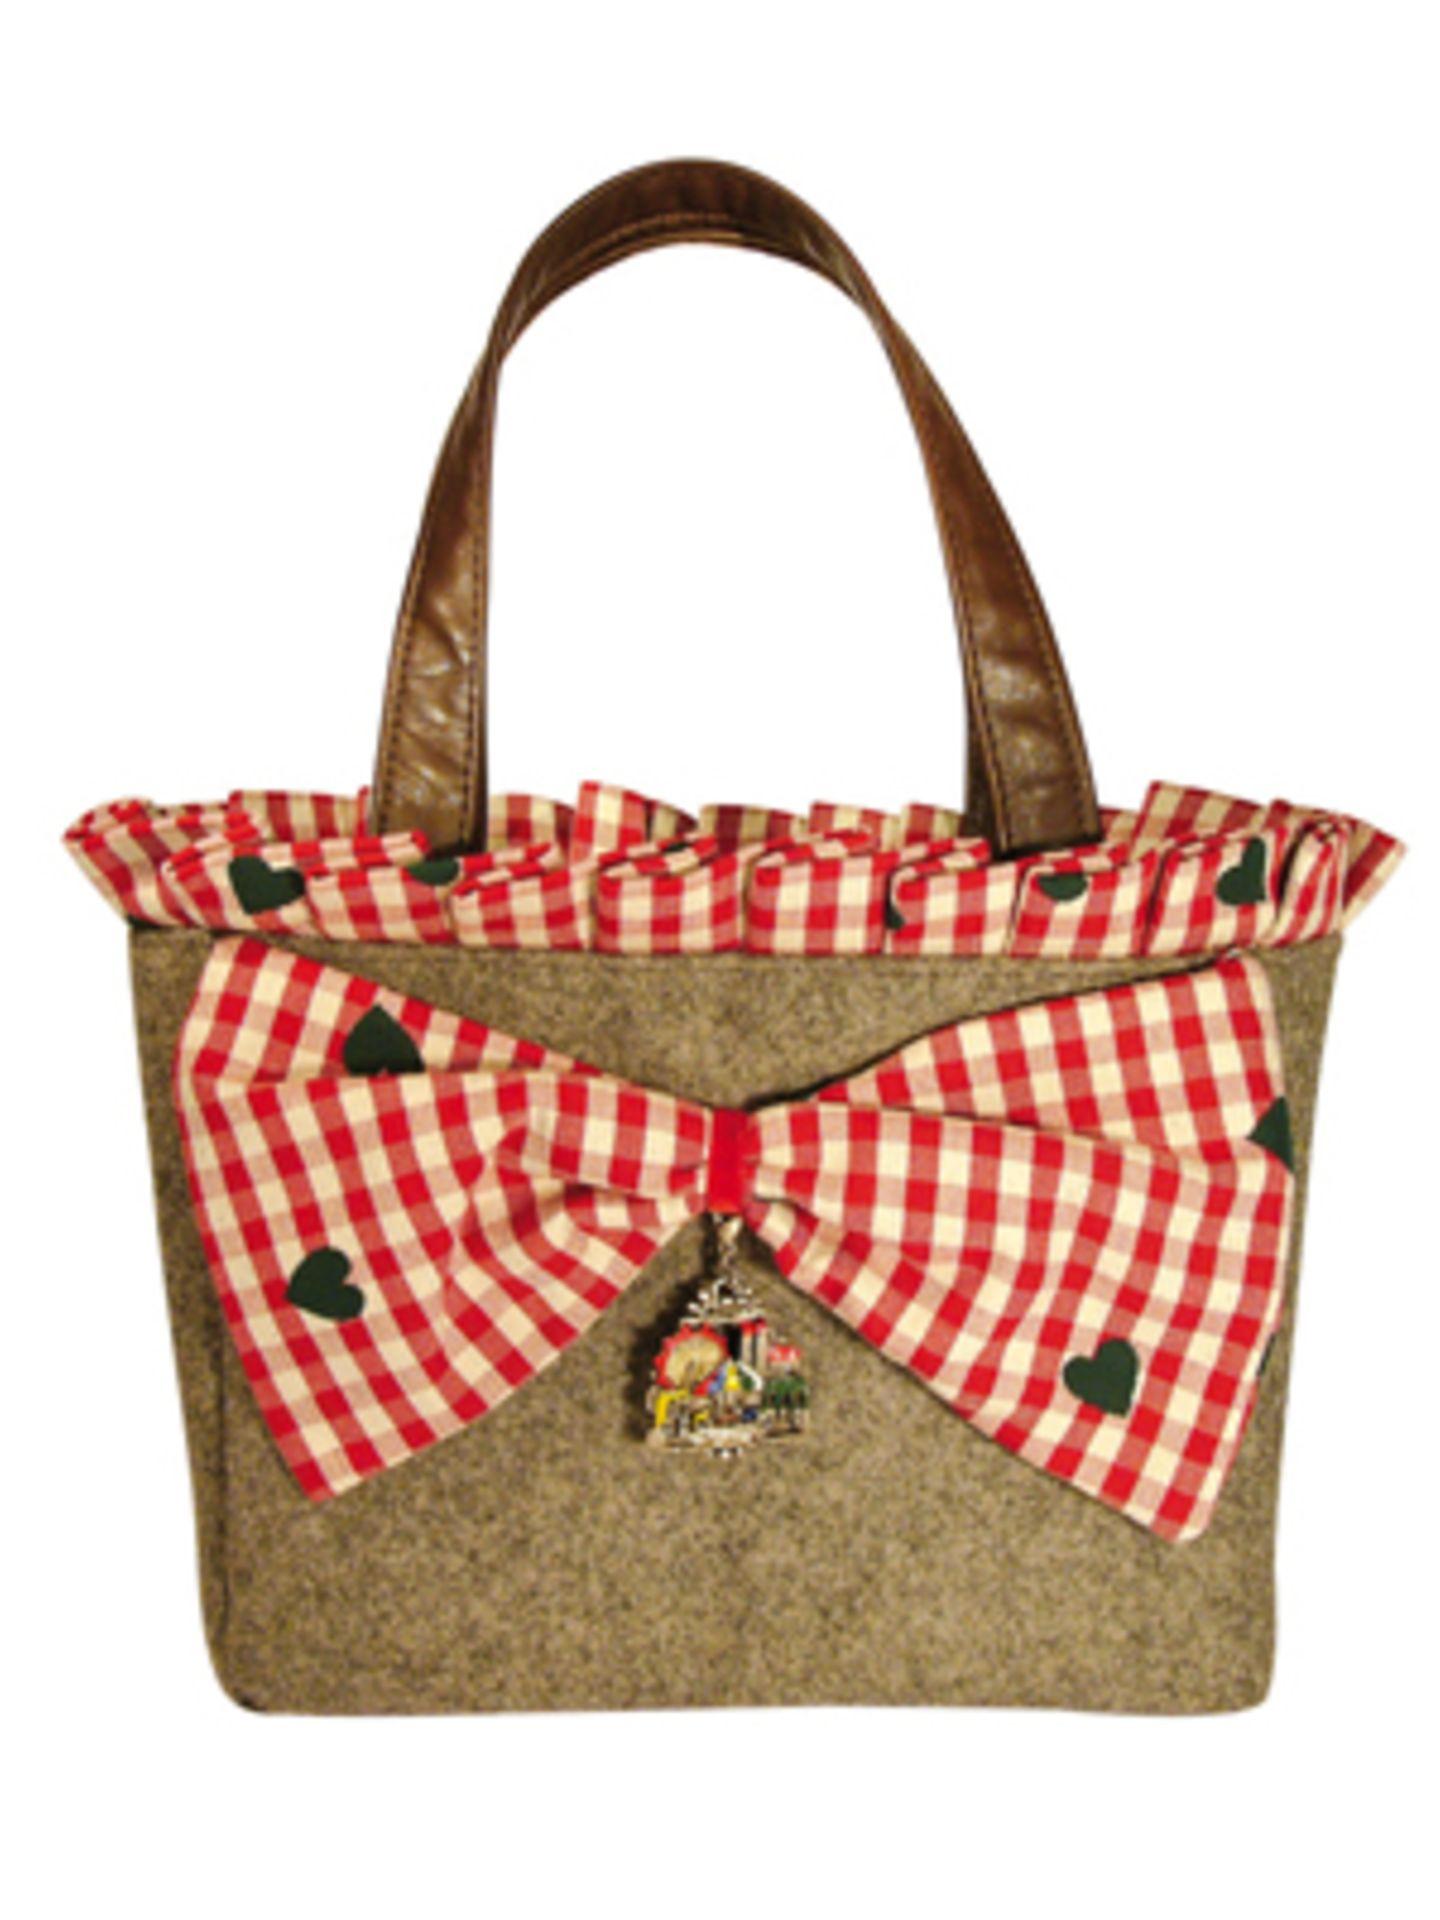 Unterarmtasche aus Filz mit kleinkarierter Schleife und Anhänger von Mandana Just Bags, um 170 Euro.